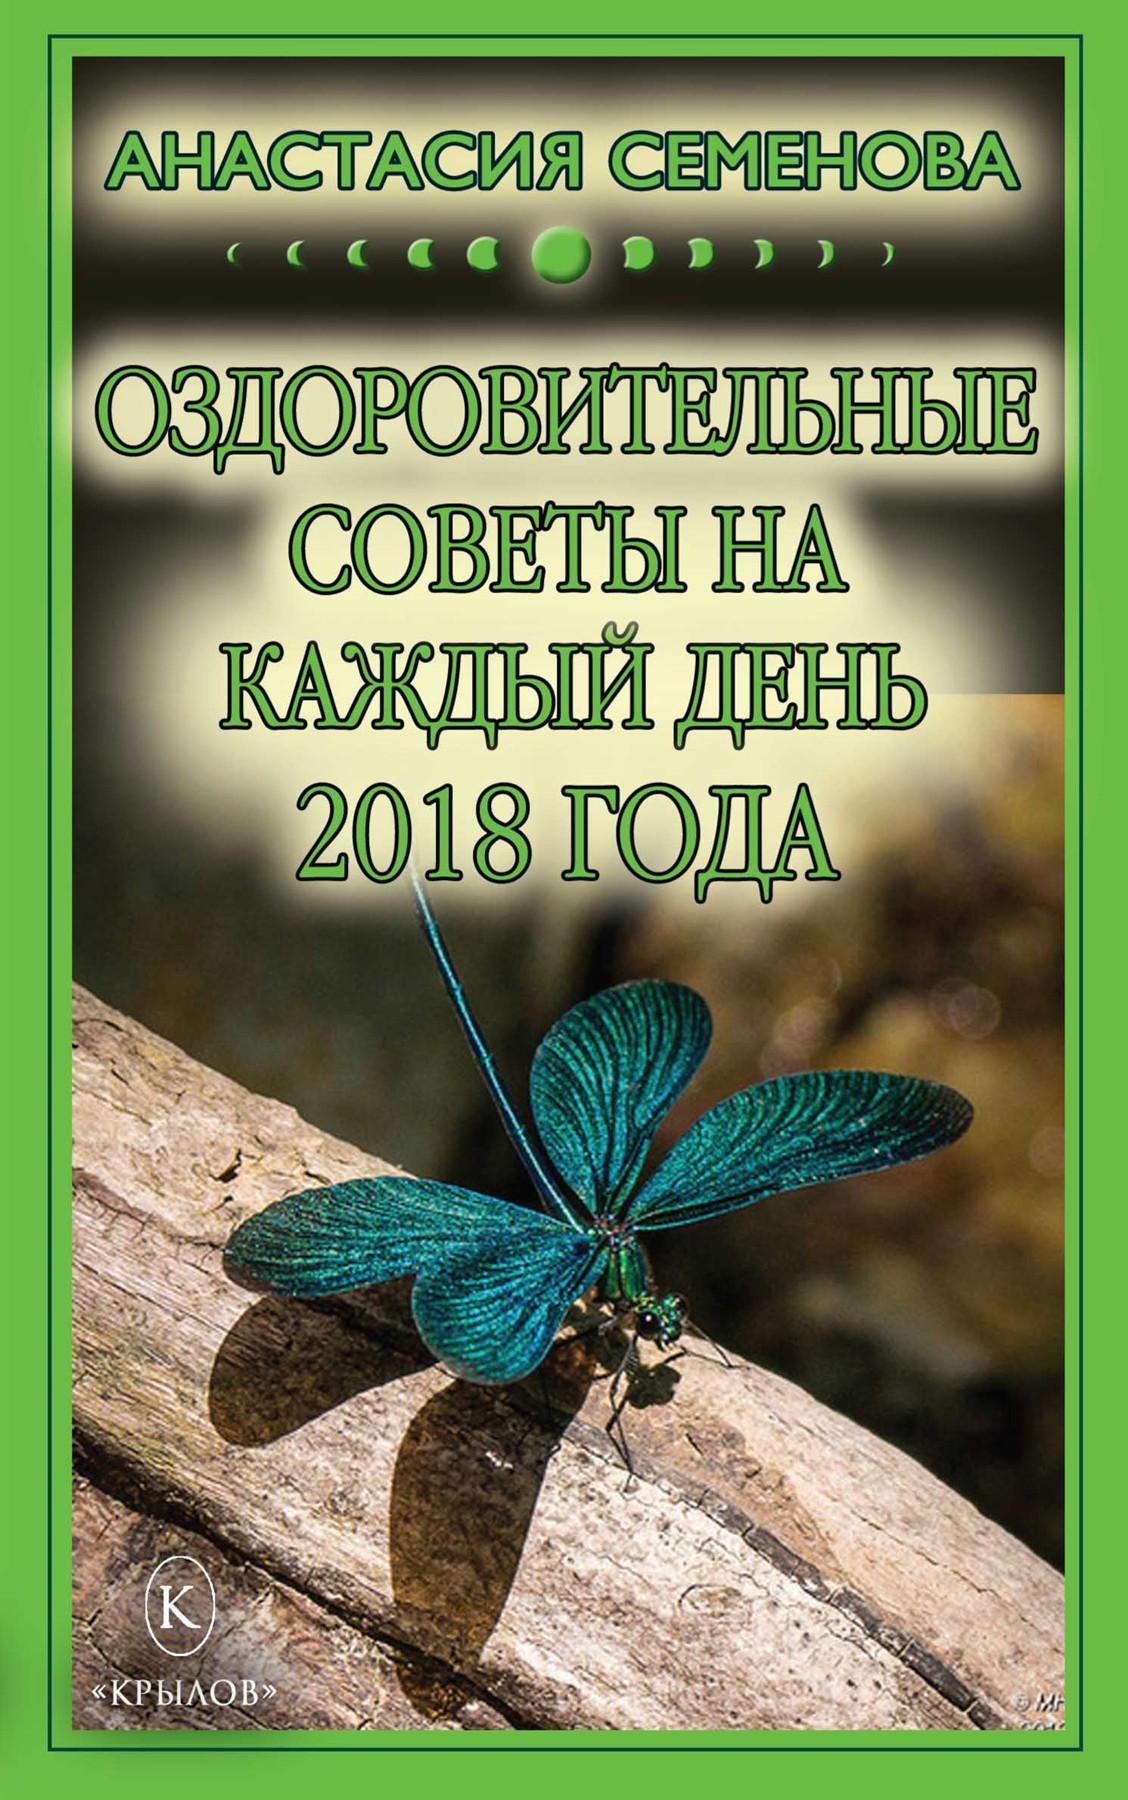 Анастасия Семенова Оздоровительные советы на каждый день на 2018 год йога дыхания оздоровительные пранаямы на каждый день